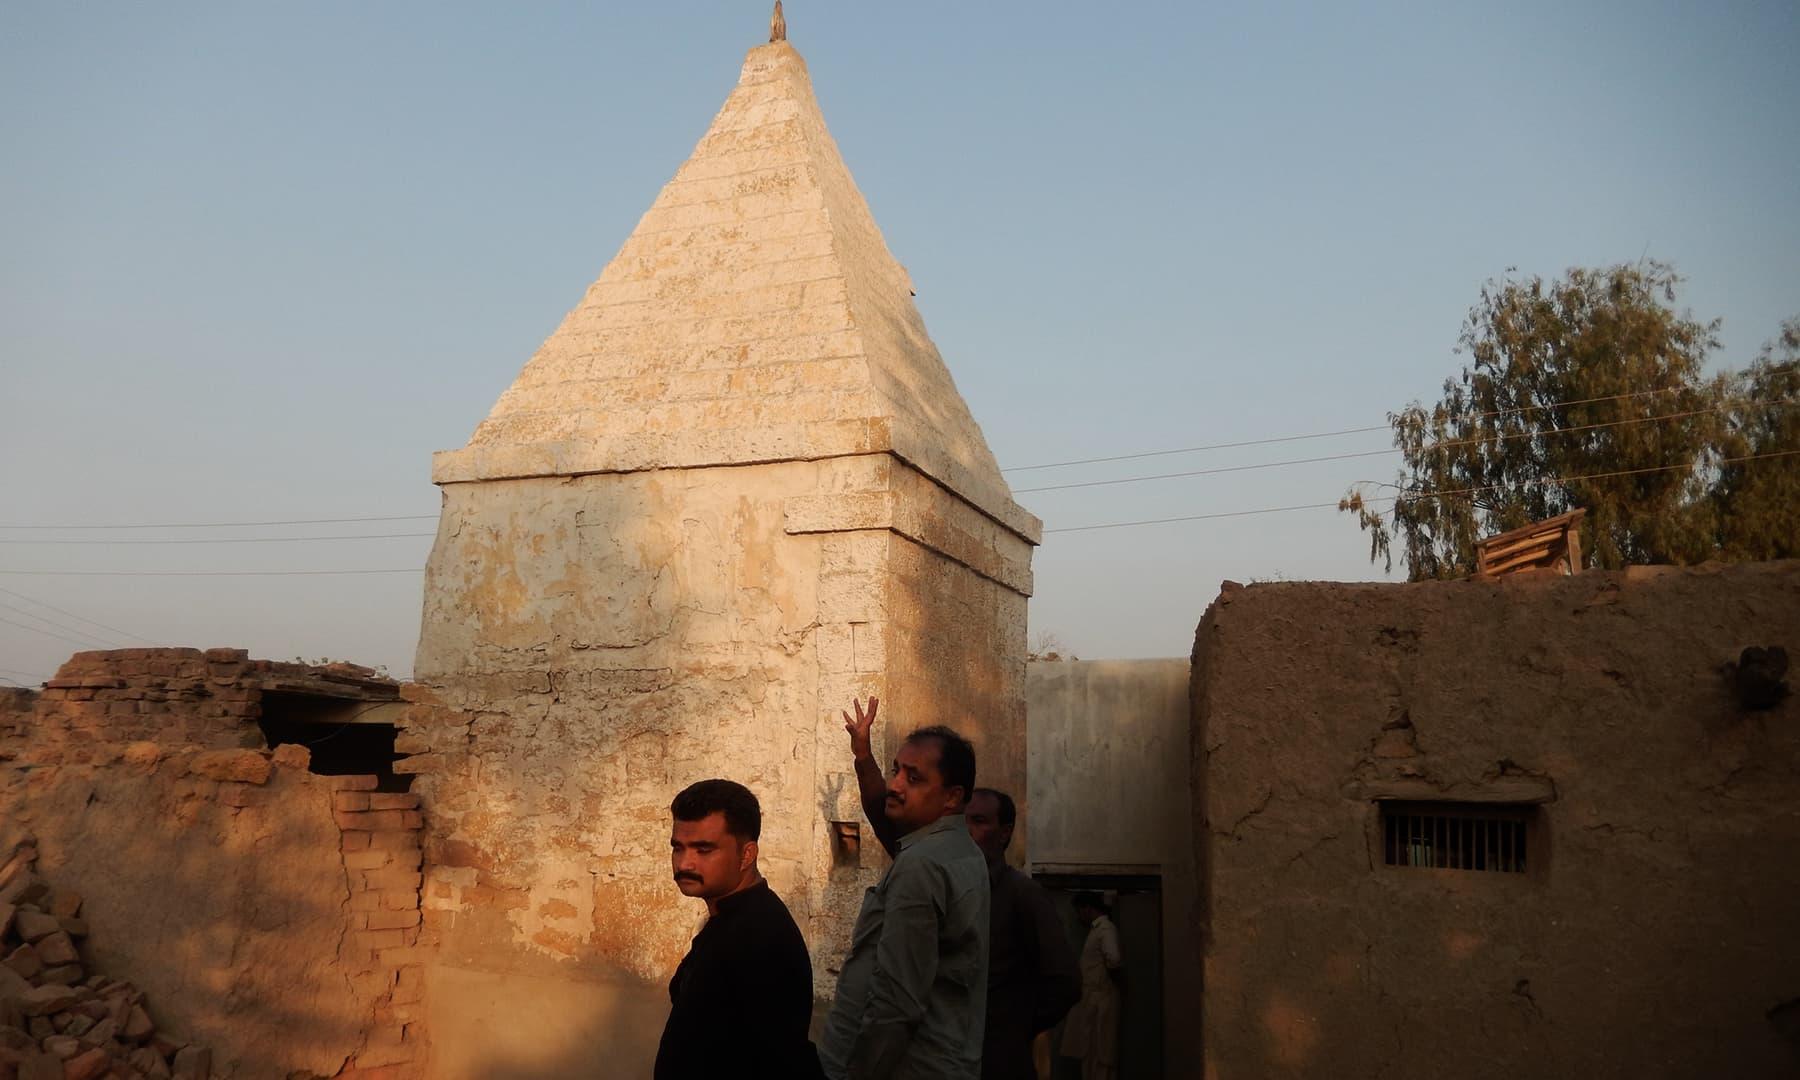 جھرک شہر میں واقع ایک مندر — تصویر ابوبکر شیخ